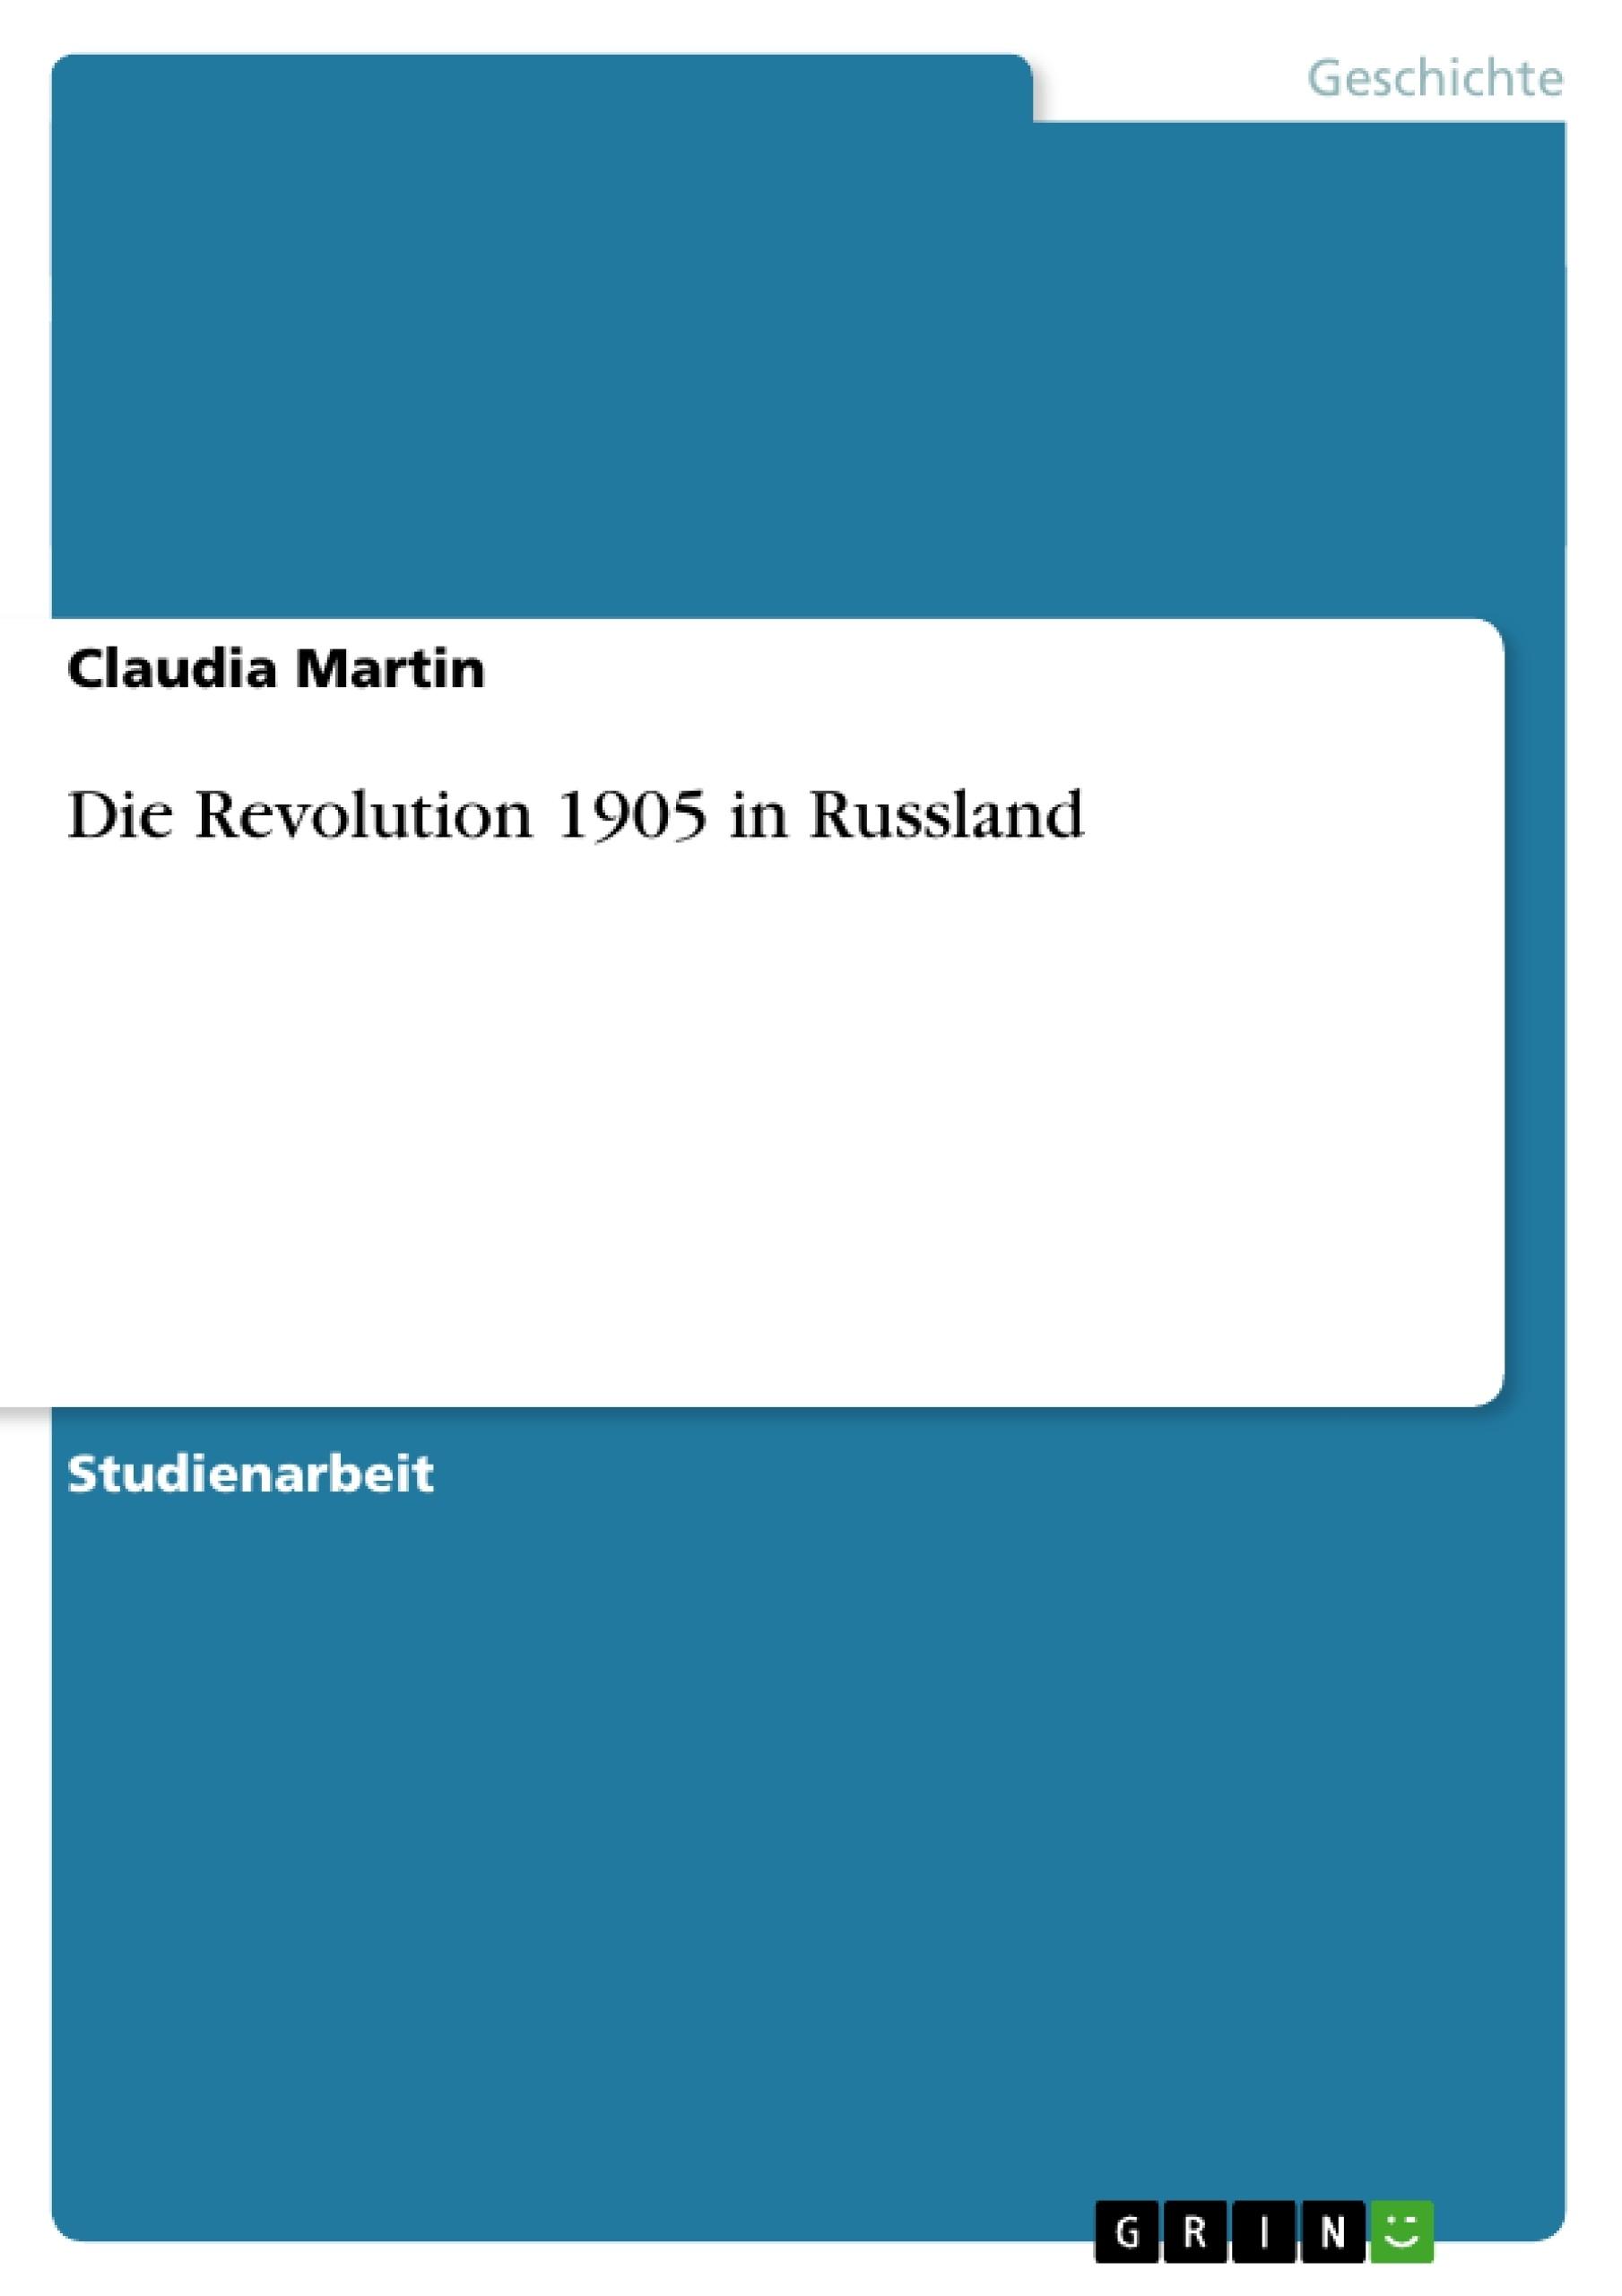 Titel: Die Revolution 1905 in Russland